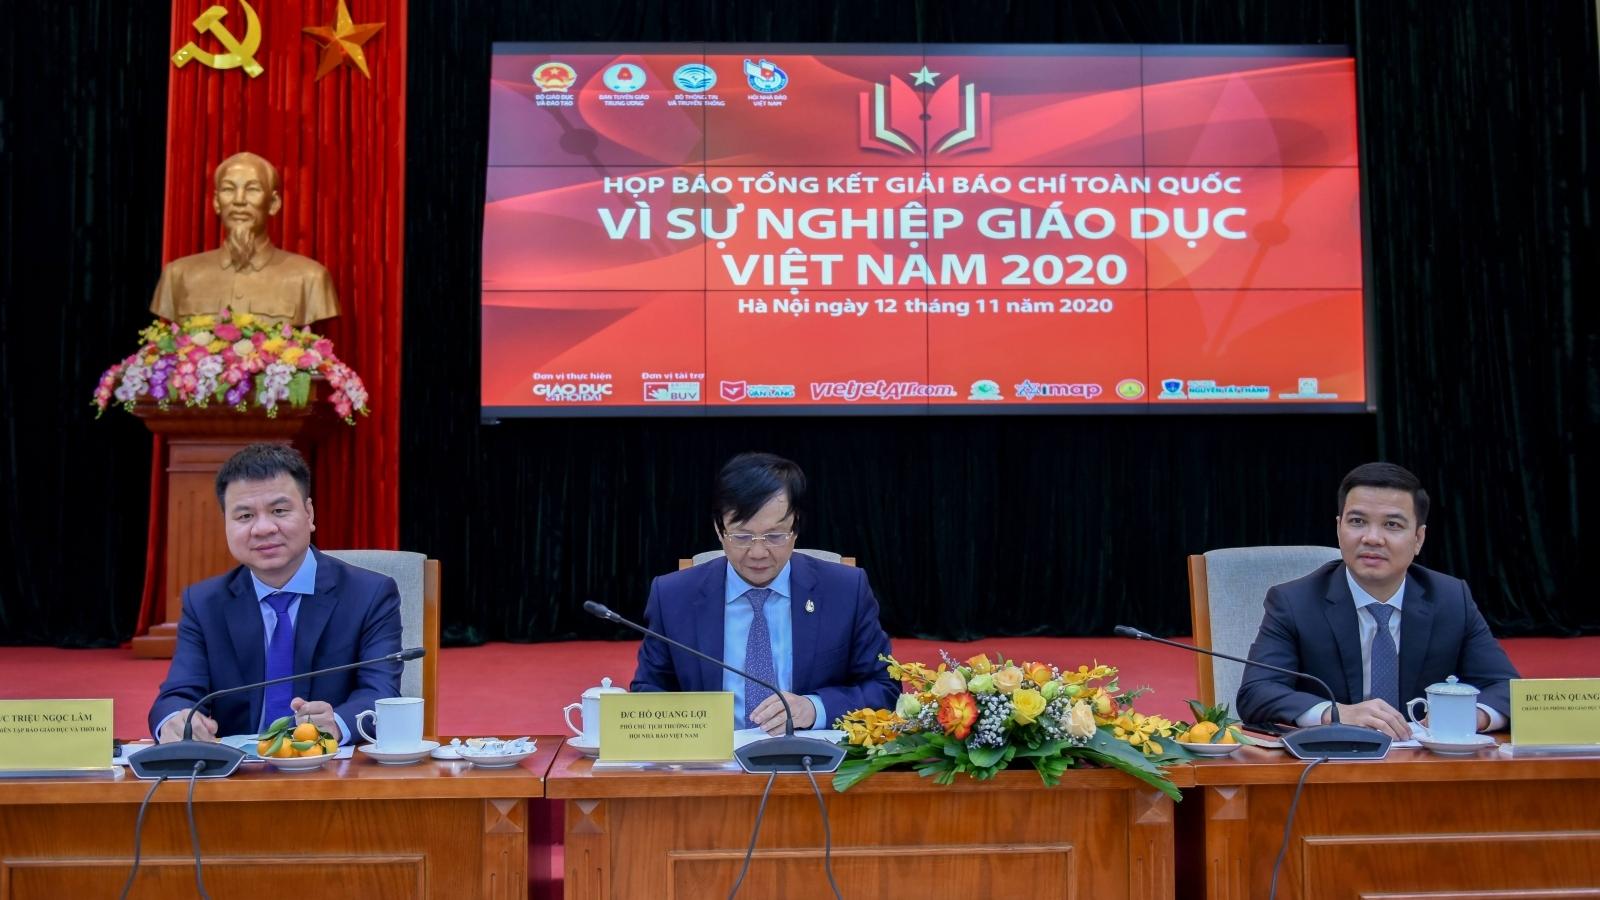 Hơn 700 tác phẩm tham dự giải báo chí toàn quốc Vì sự nghiệp giáo dục Việt Nam